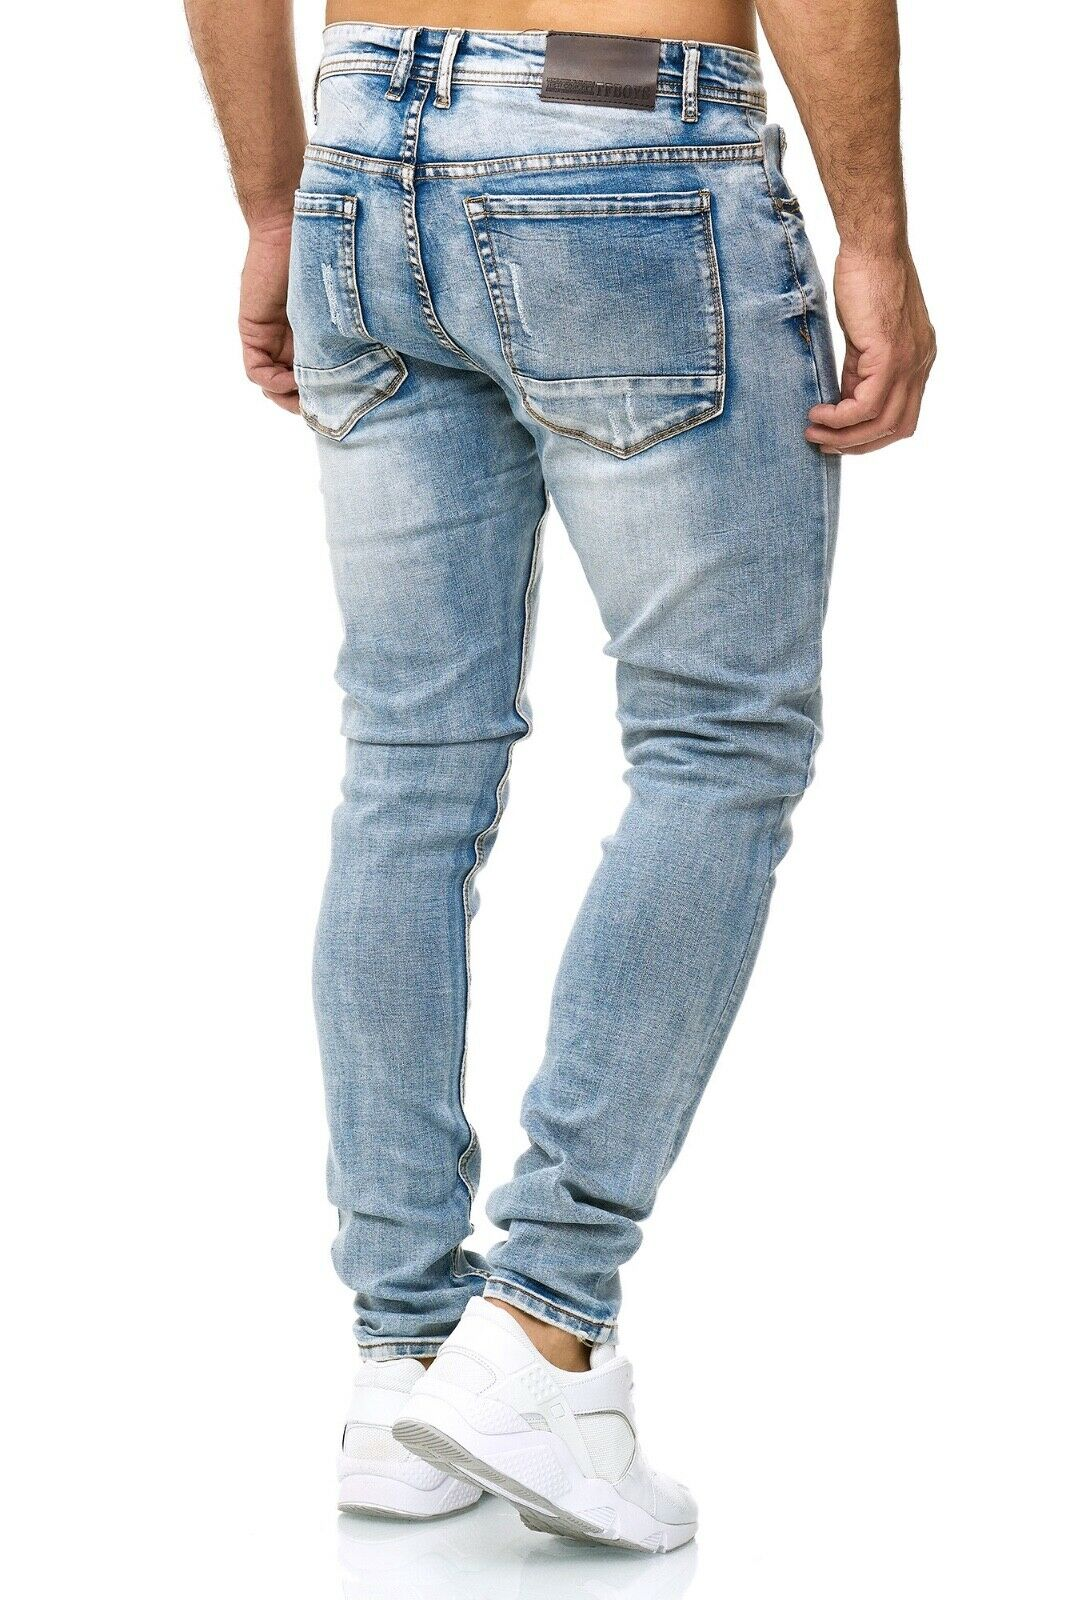 Herren-Jeanshosen-Stretch-Hose-Slim-fit-SKINNY-Jeans-Blau-Schwarz-Grau-Weiss Indexbild 63